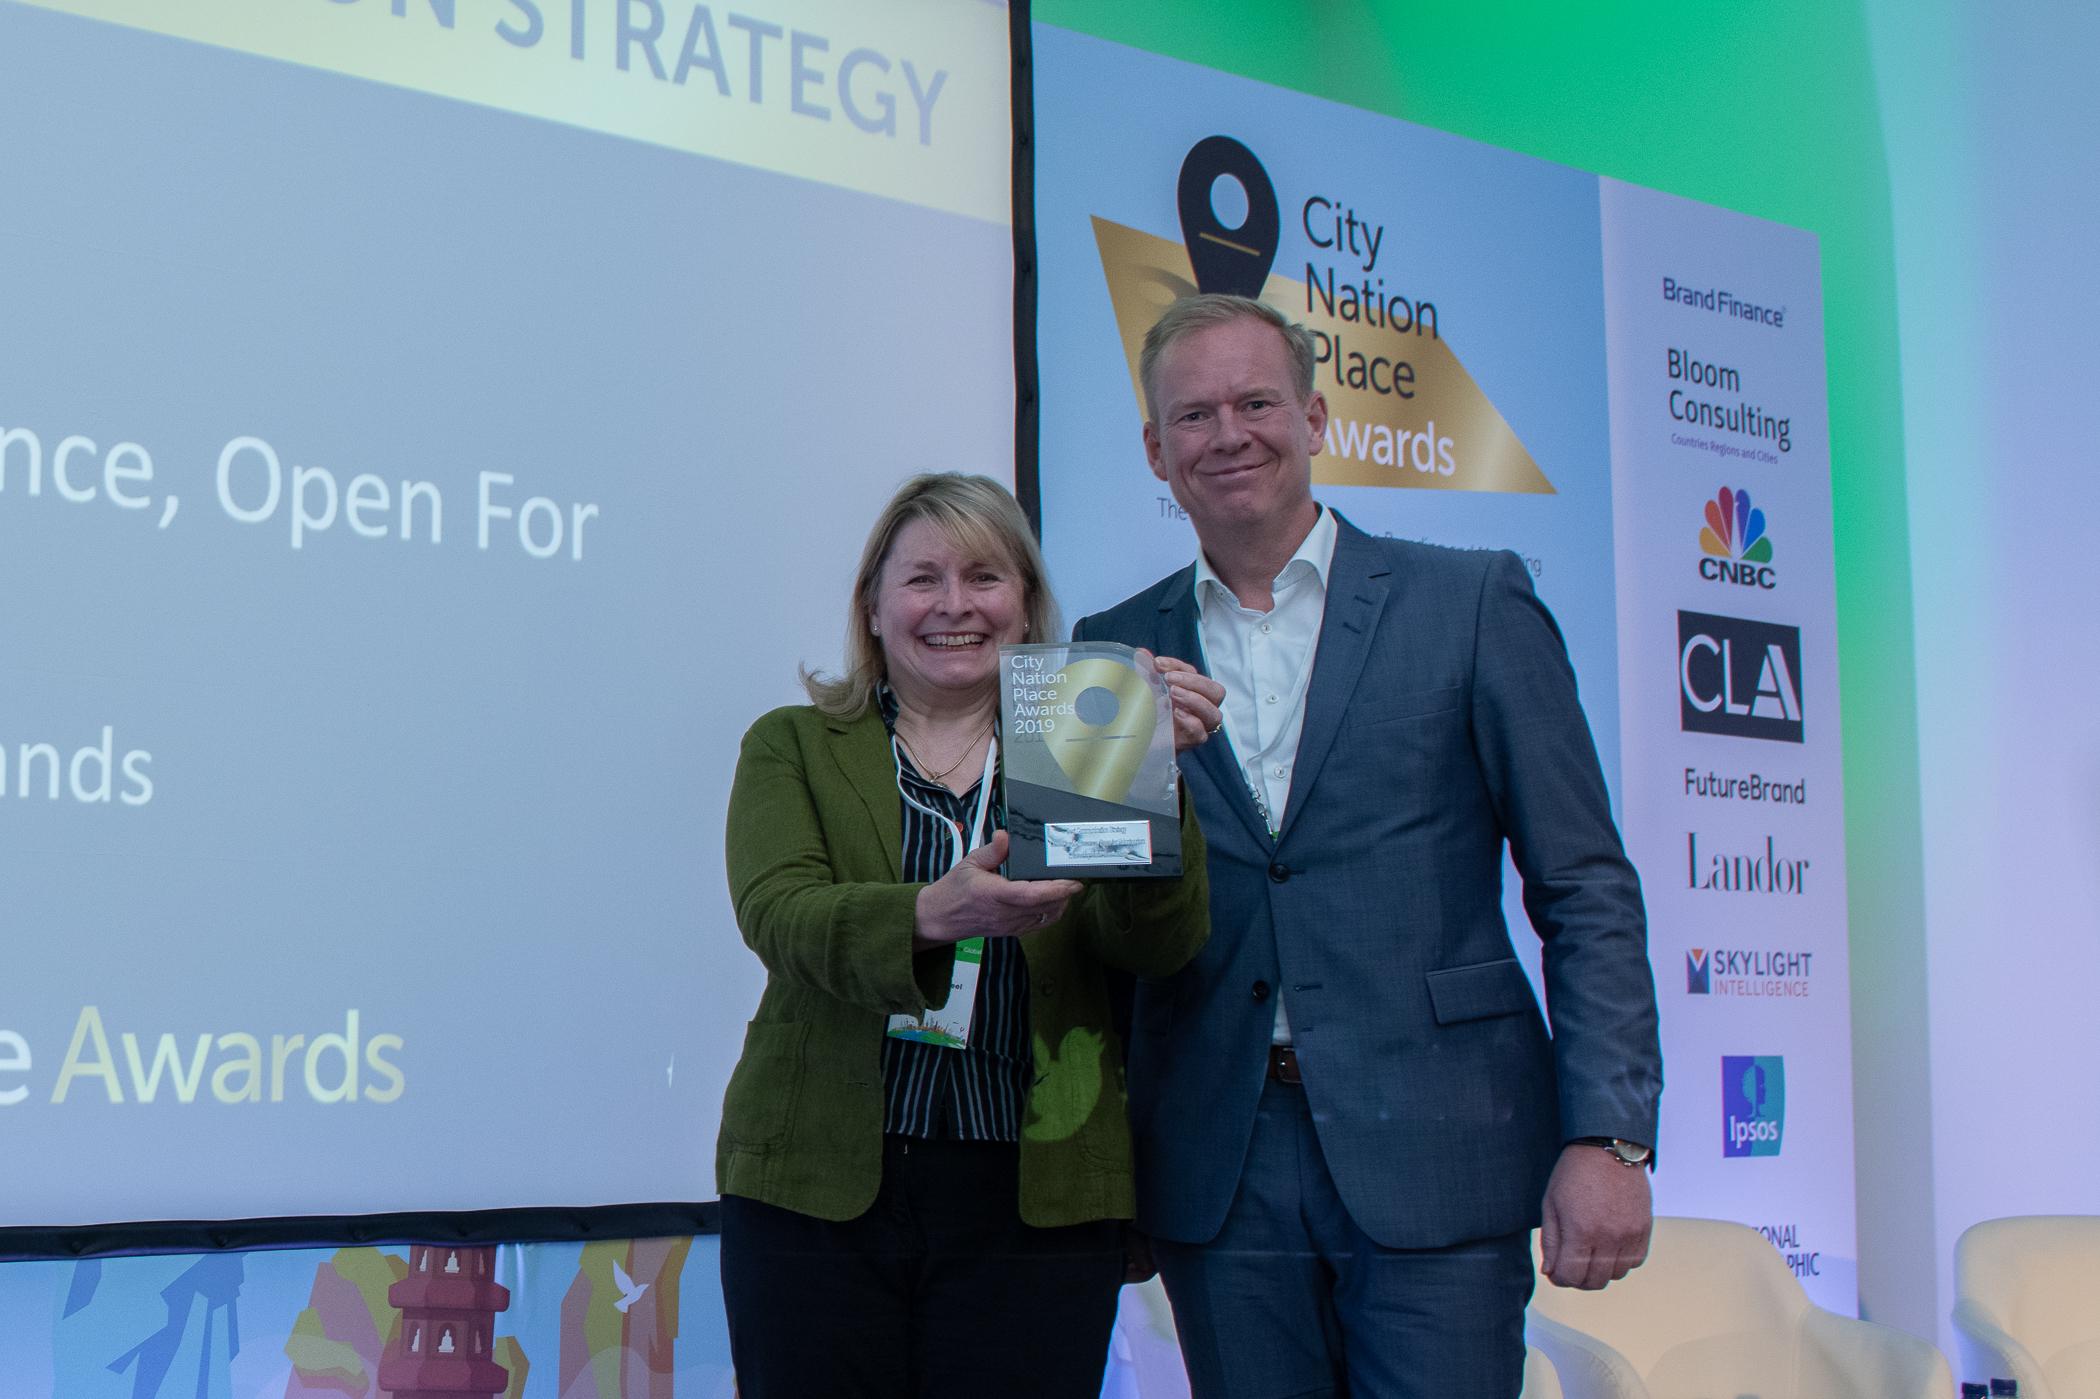 Visit Faroe Islands win the 2019 Best Communication Strategy